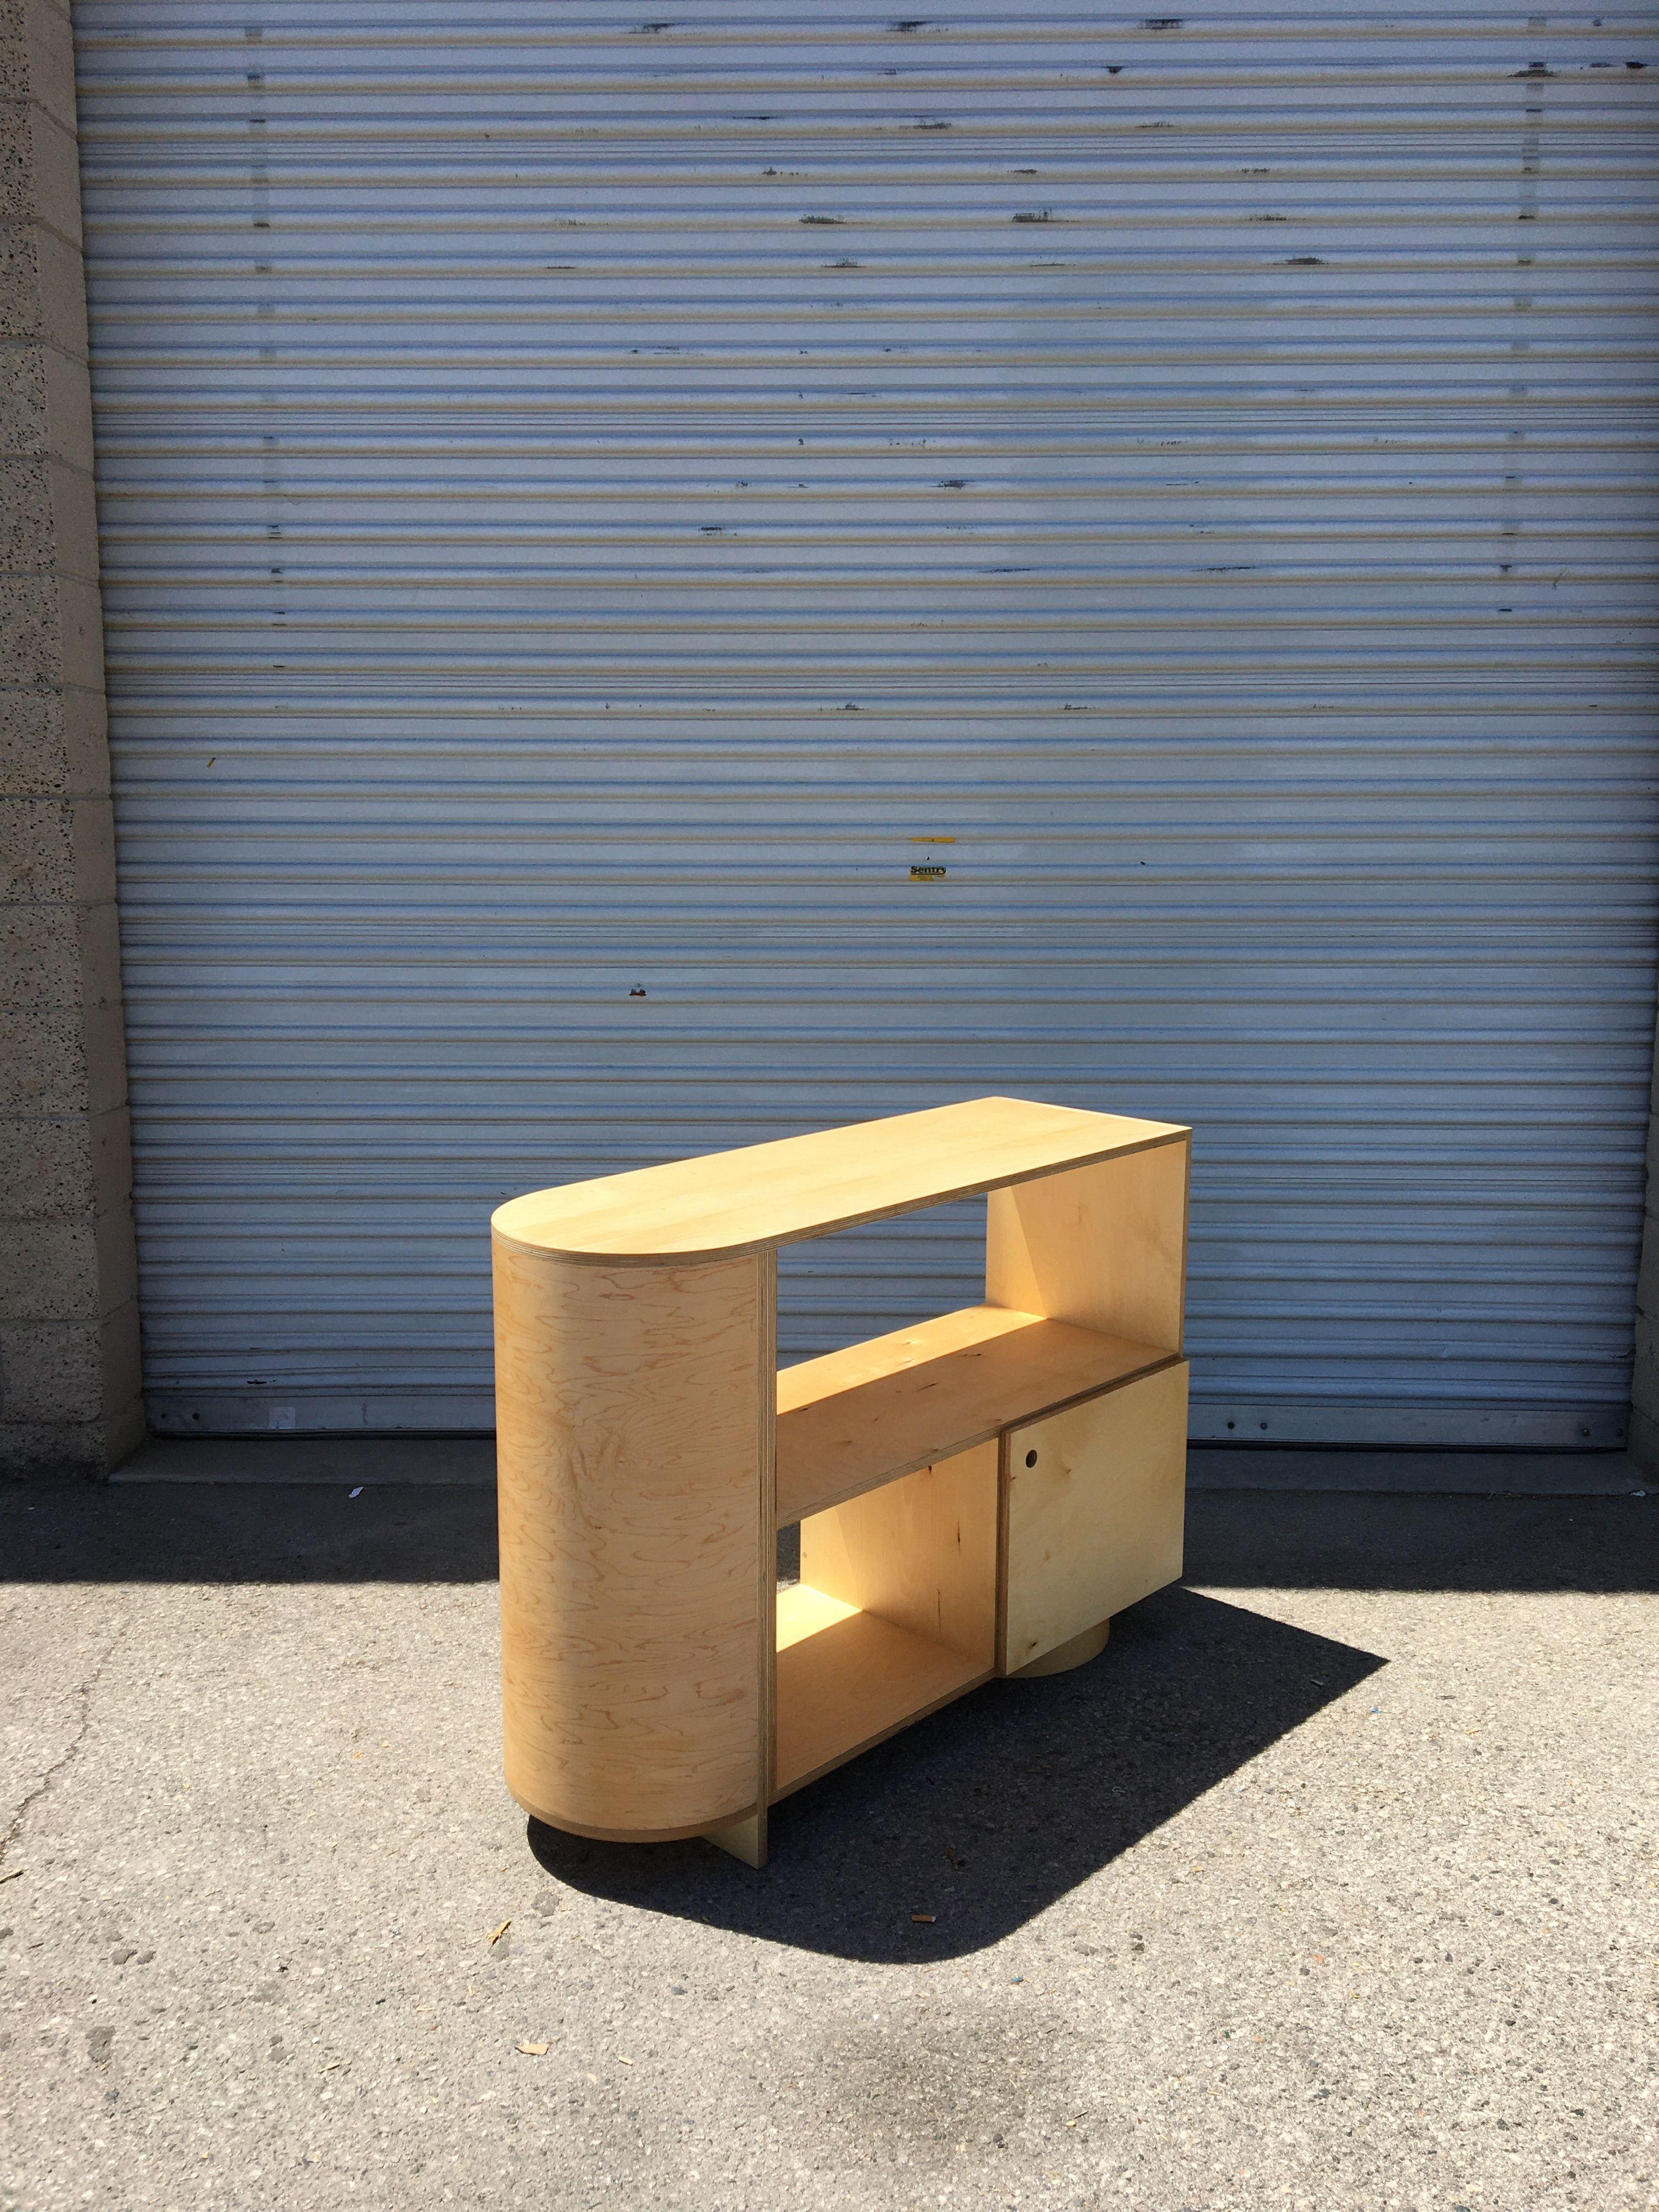 Half-Cylinder Storage Unit product image 2